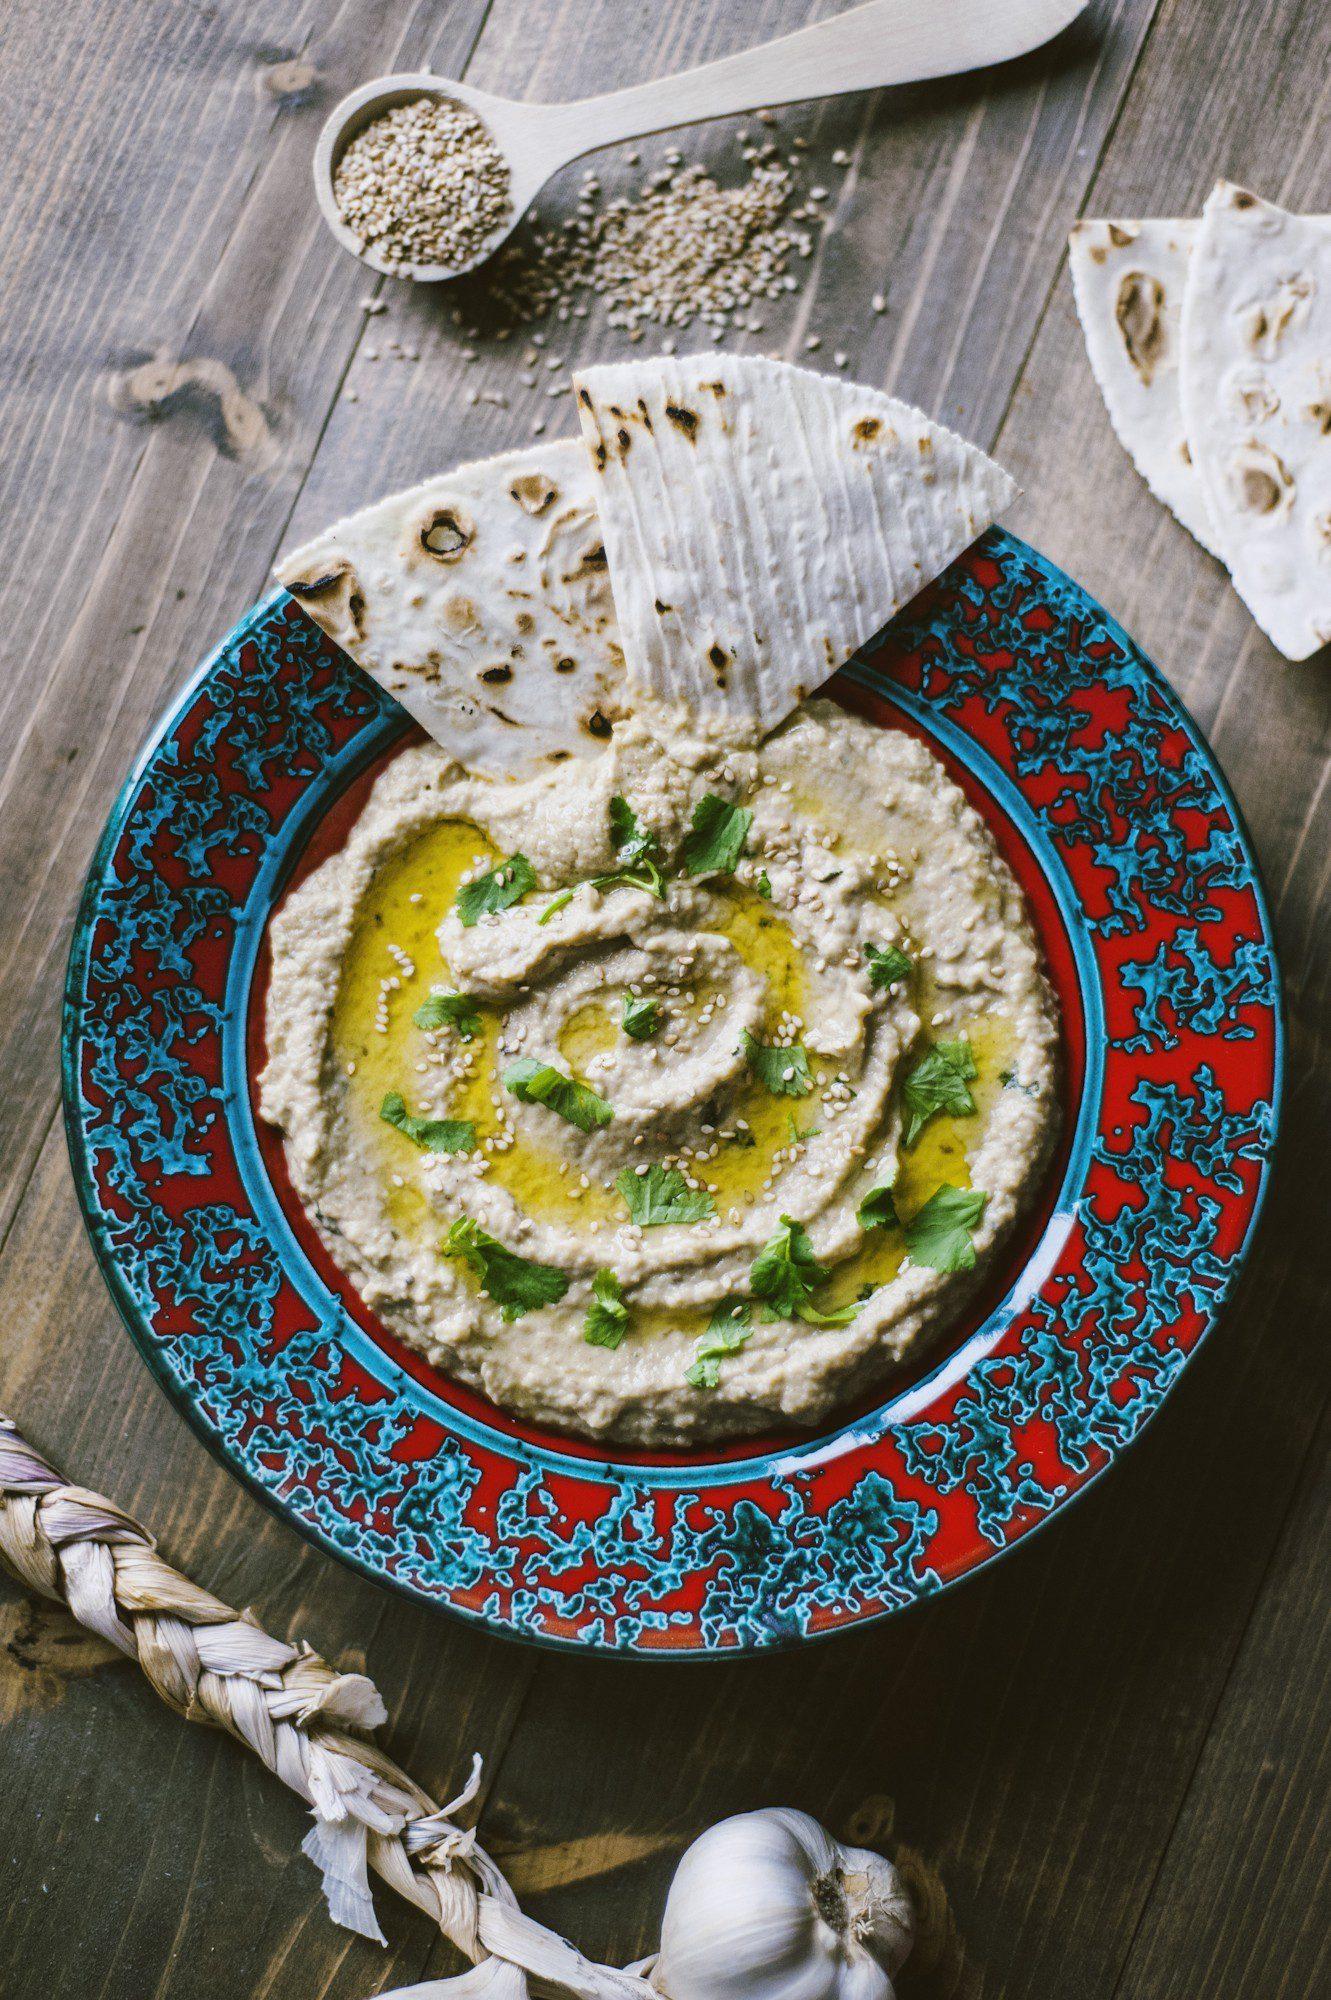 Babaganoush servita nel piatto con pane